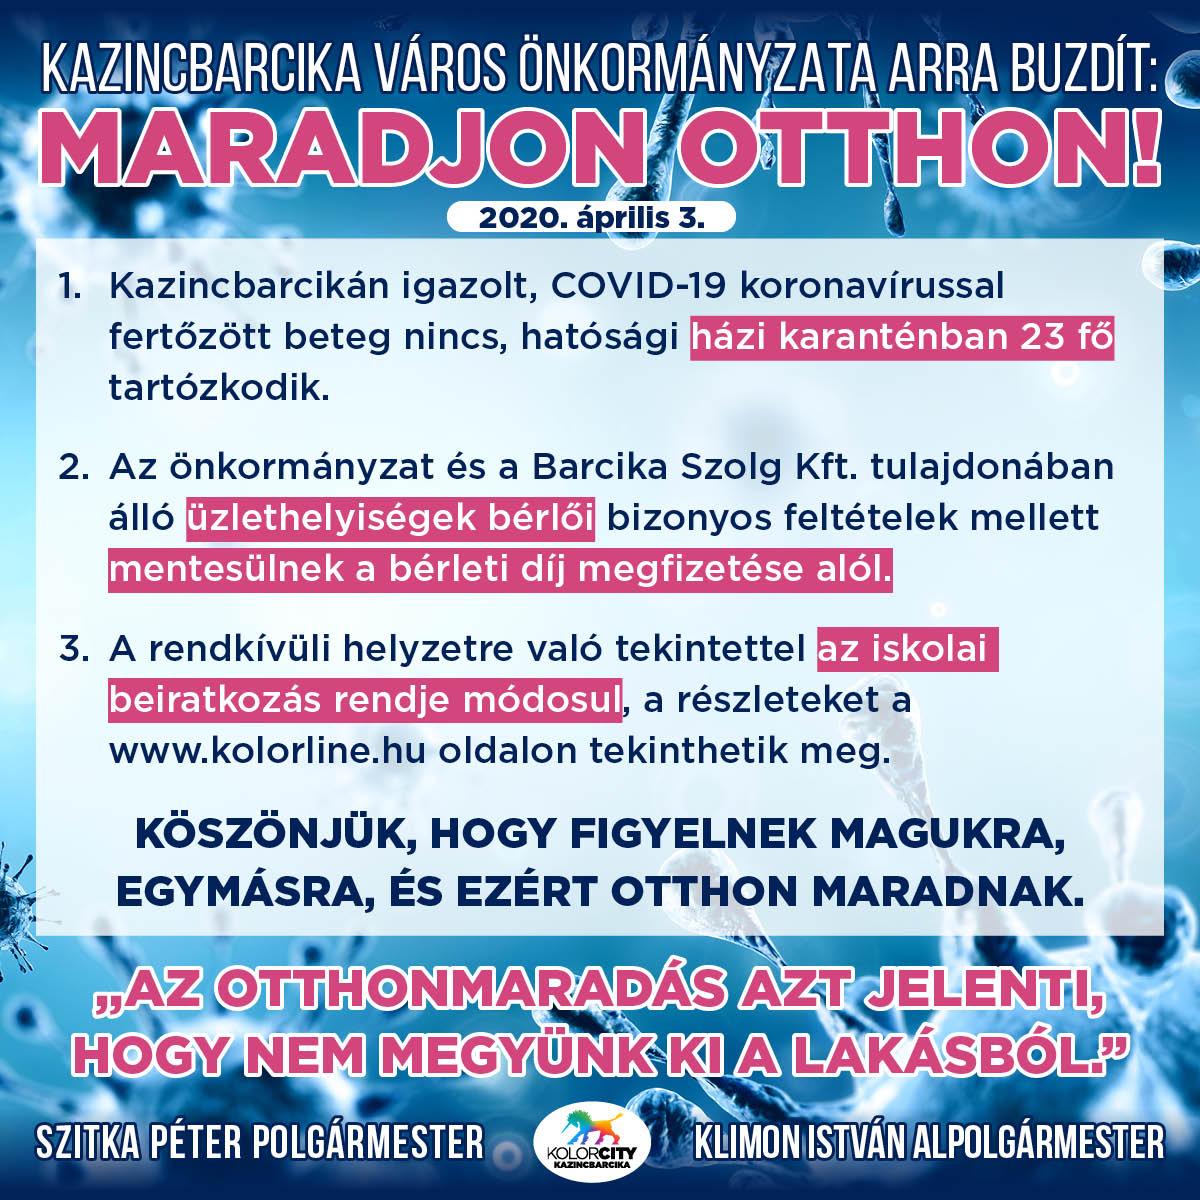 https://kolorline.hu/Kazincbarcika Város Önkormányzata arra buzdít: Maradj otthon! – 2020. április 3.